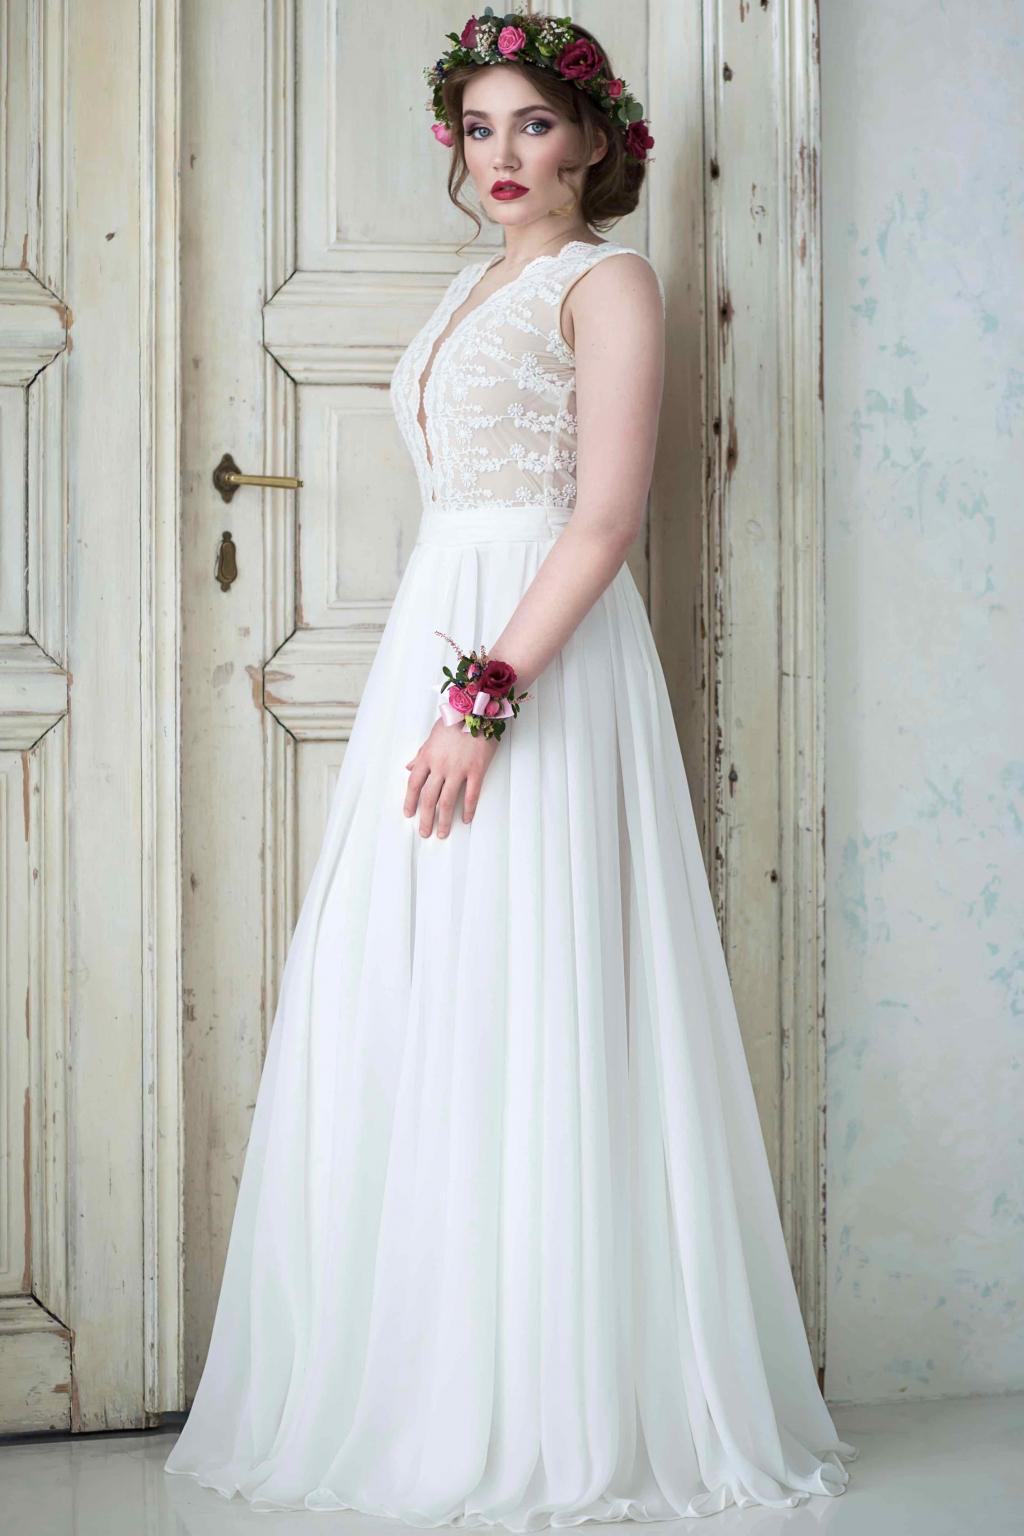 ... Svatební šaty s bavlněné krajky s hlubokým výstřihem ... 6fc7cf51bc